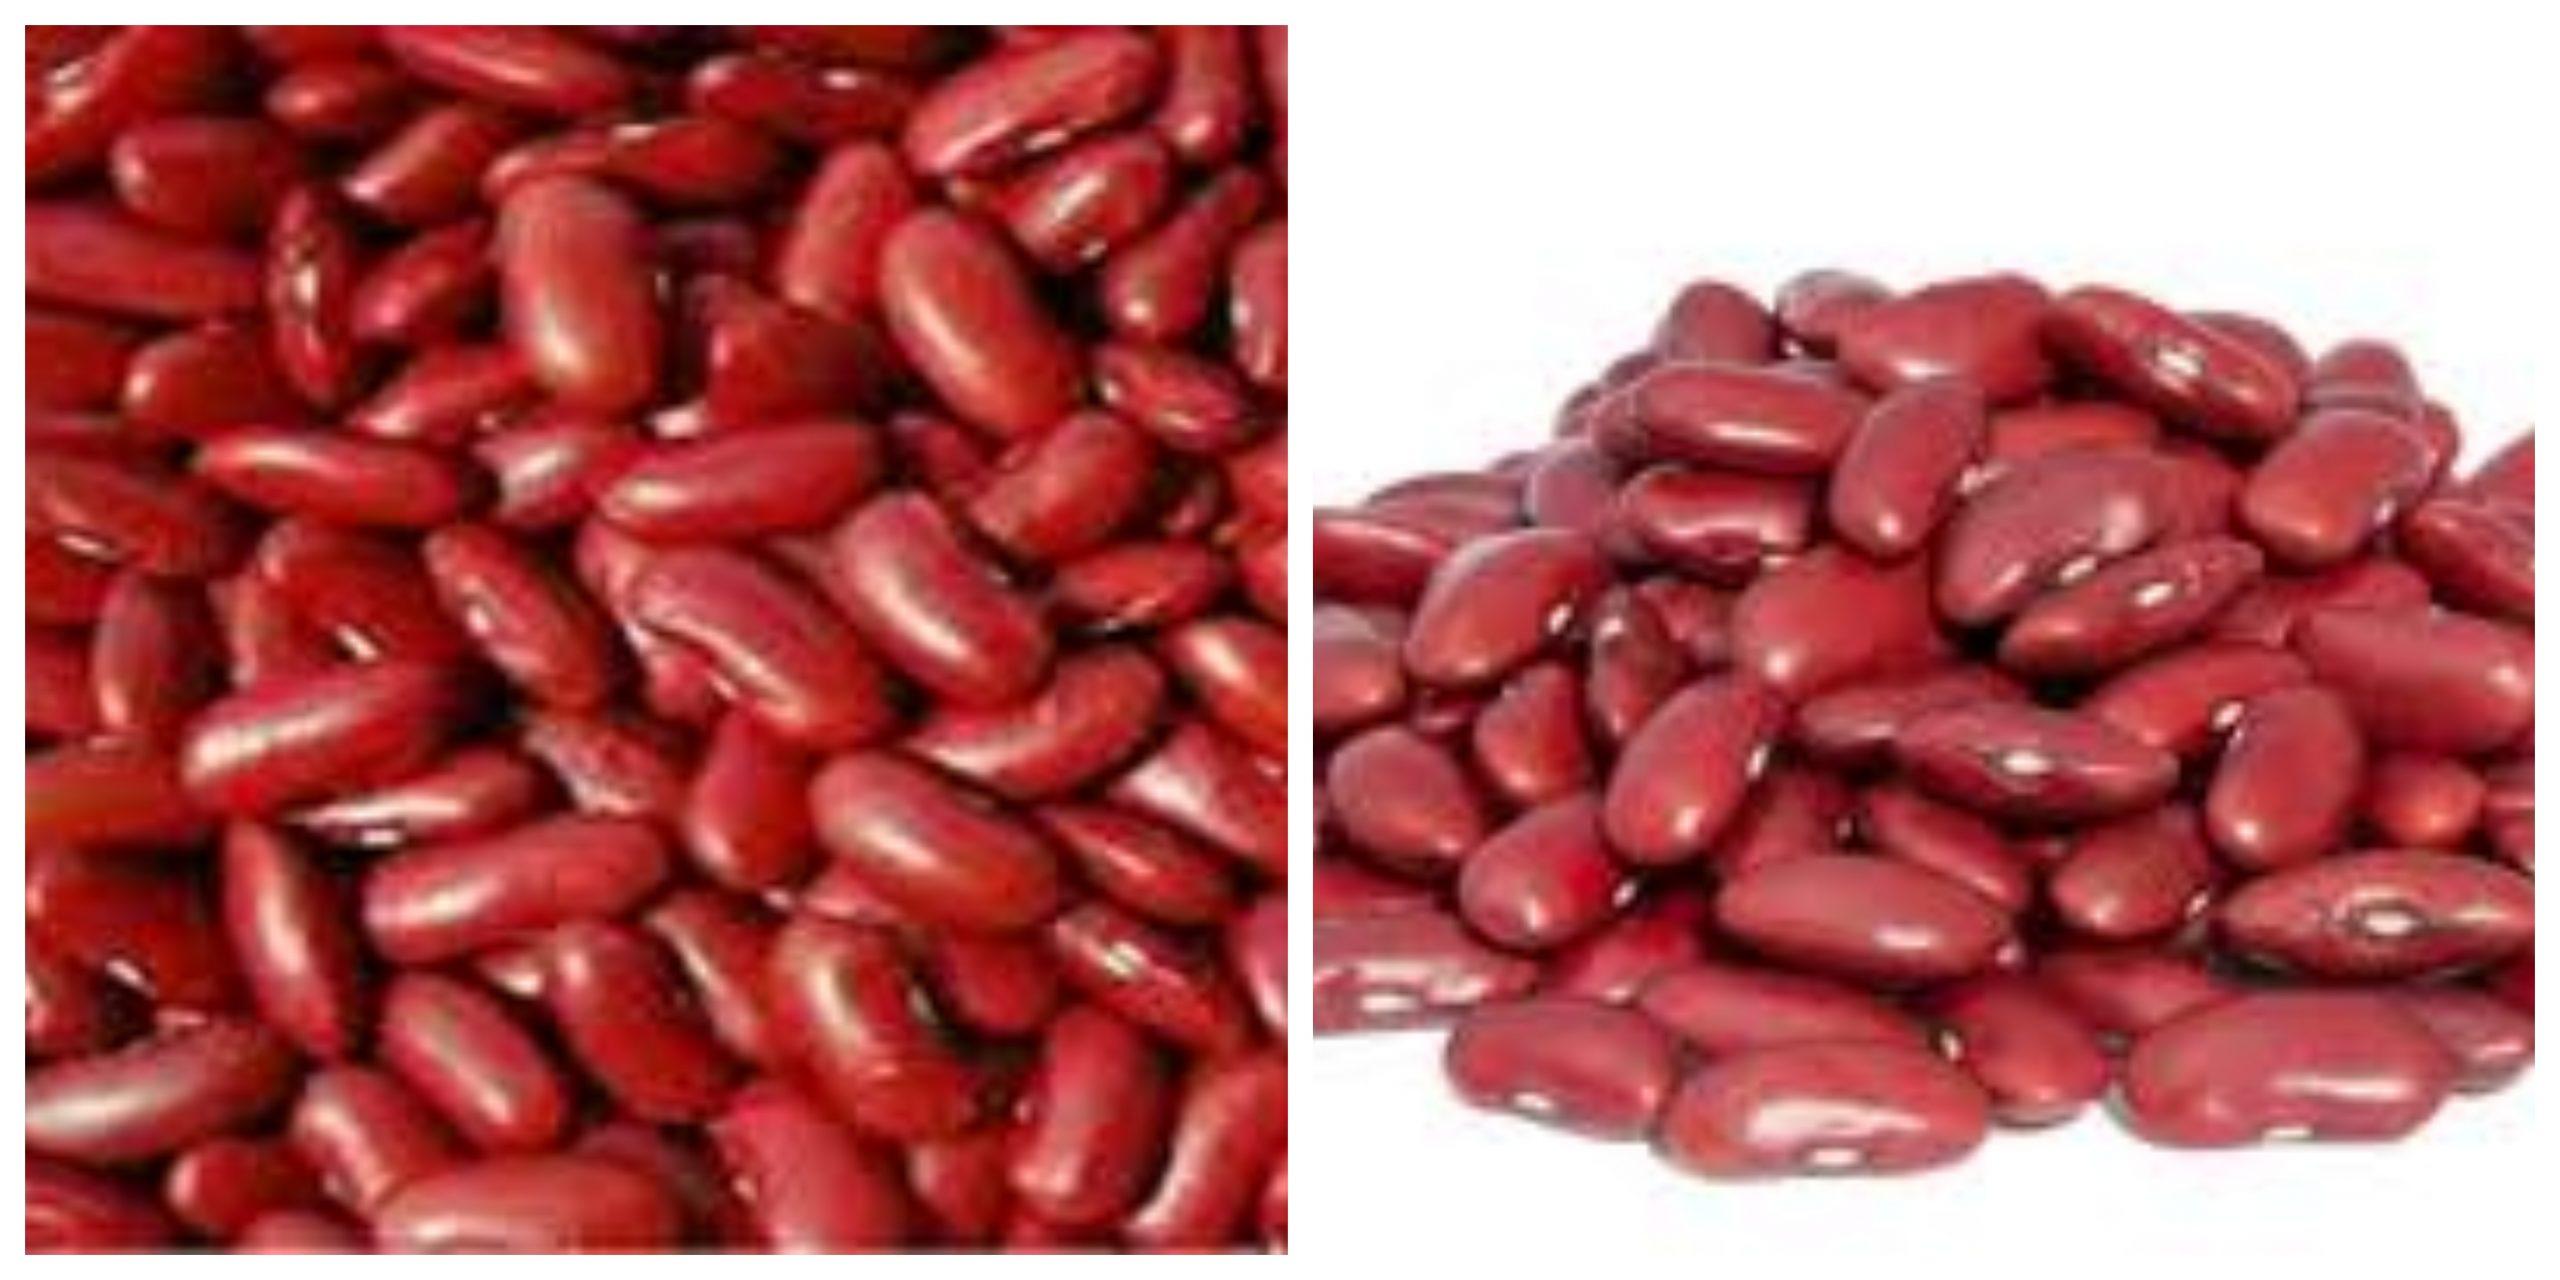 الفوائد الصحية لتناول الفاصوليا الحمراء